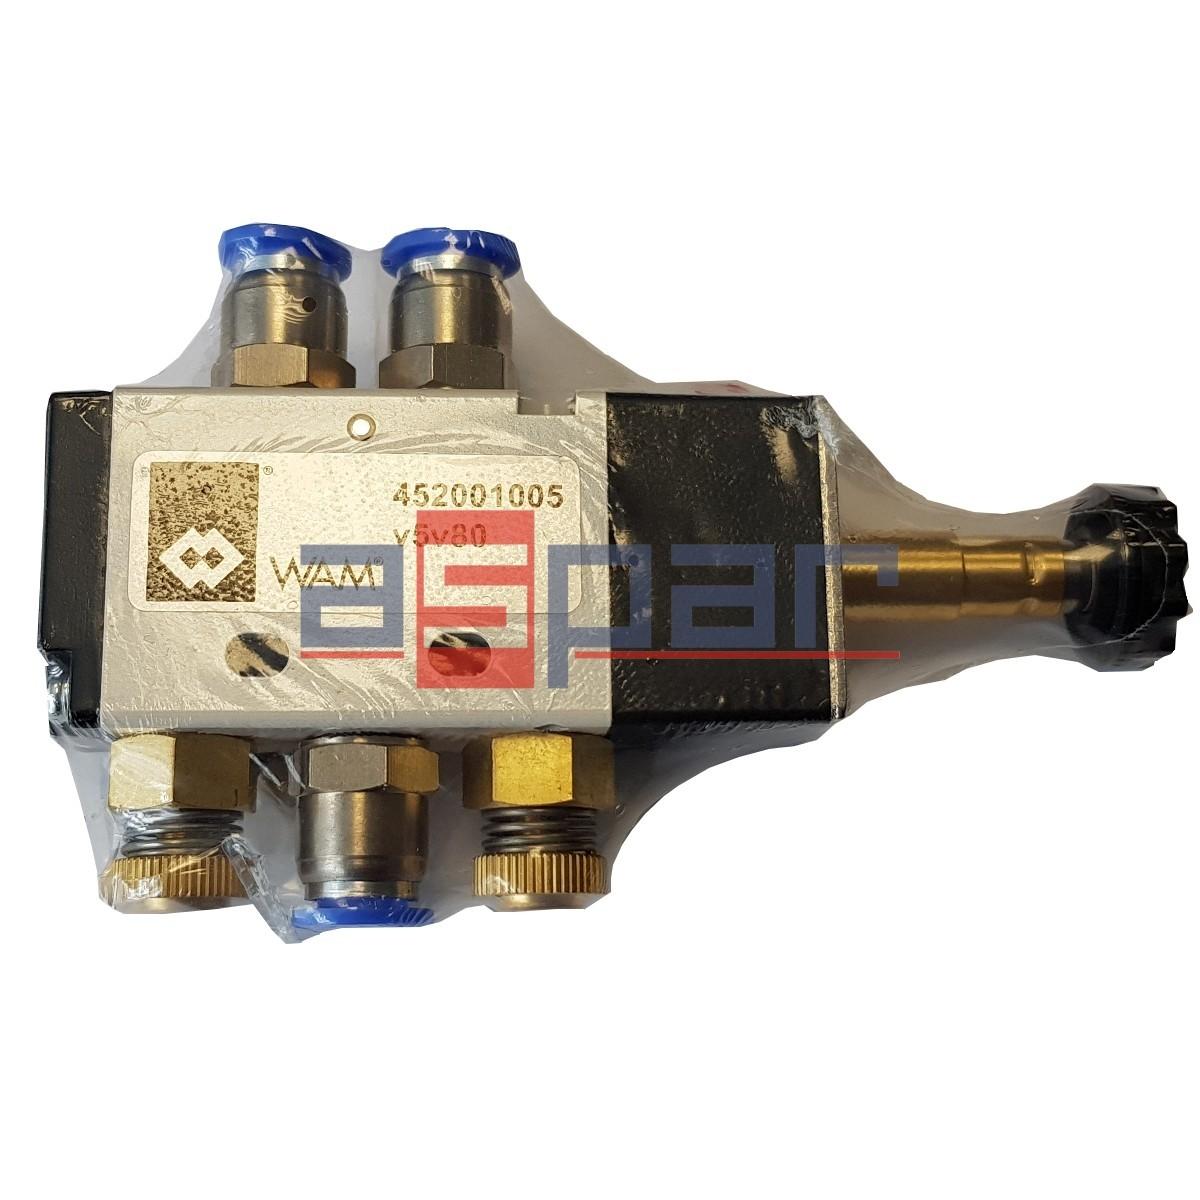 V5V80 - zawór elektromagnetyczny